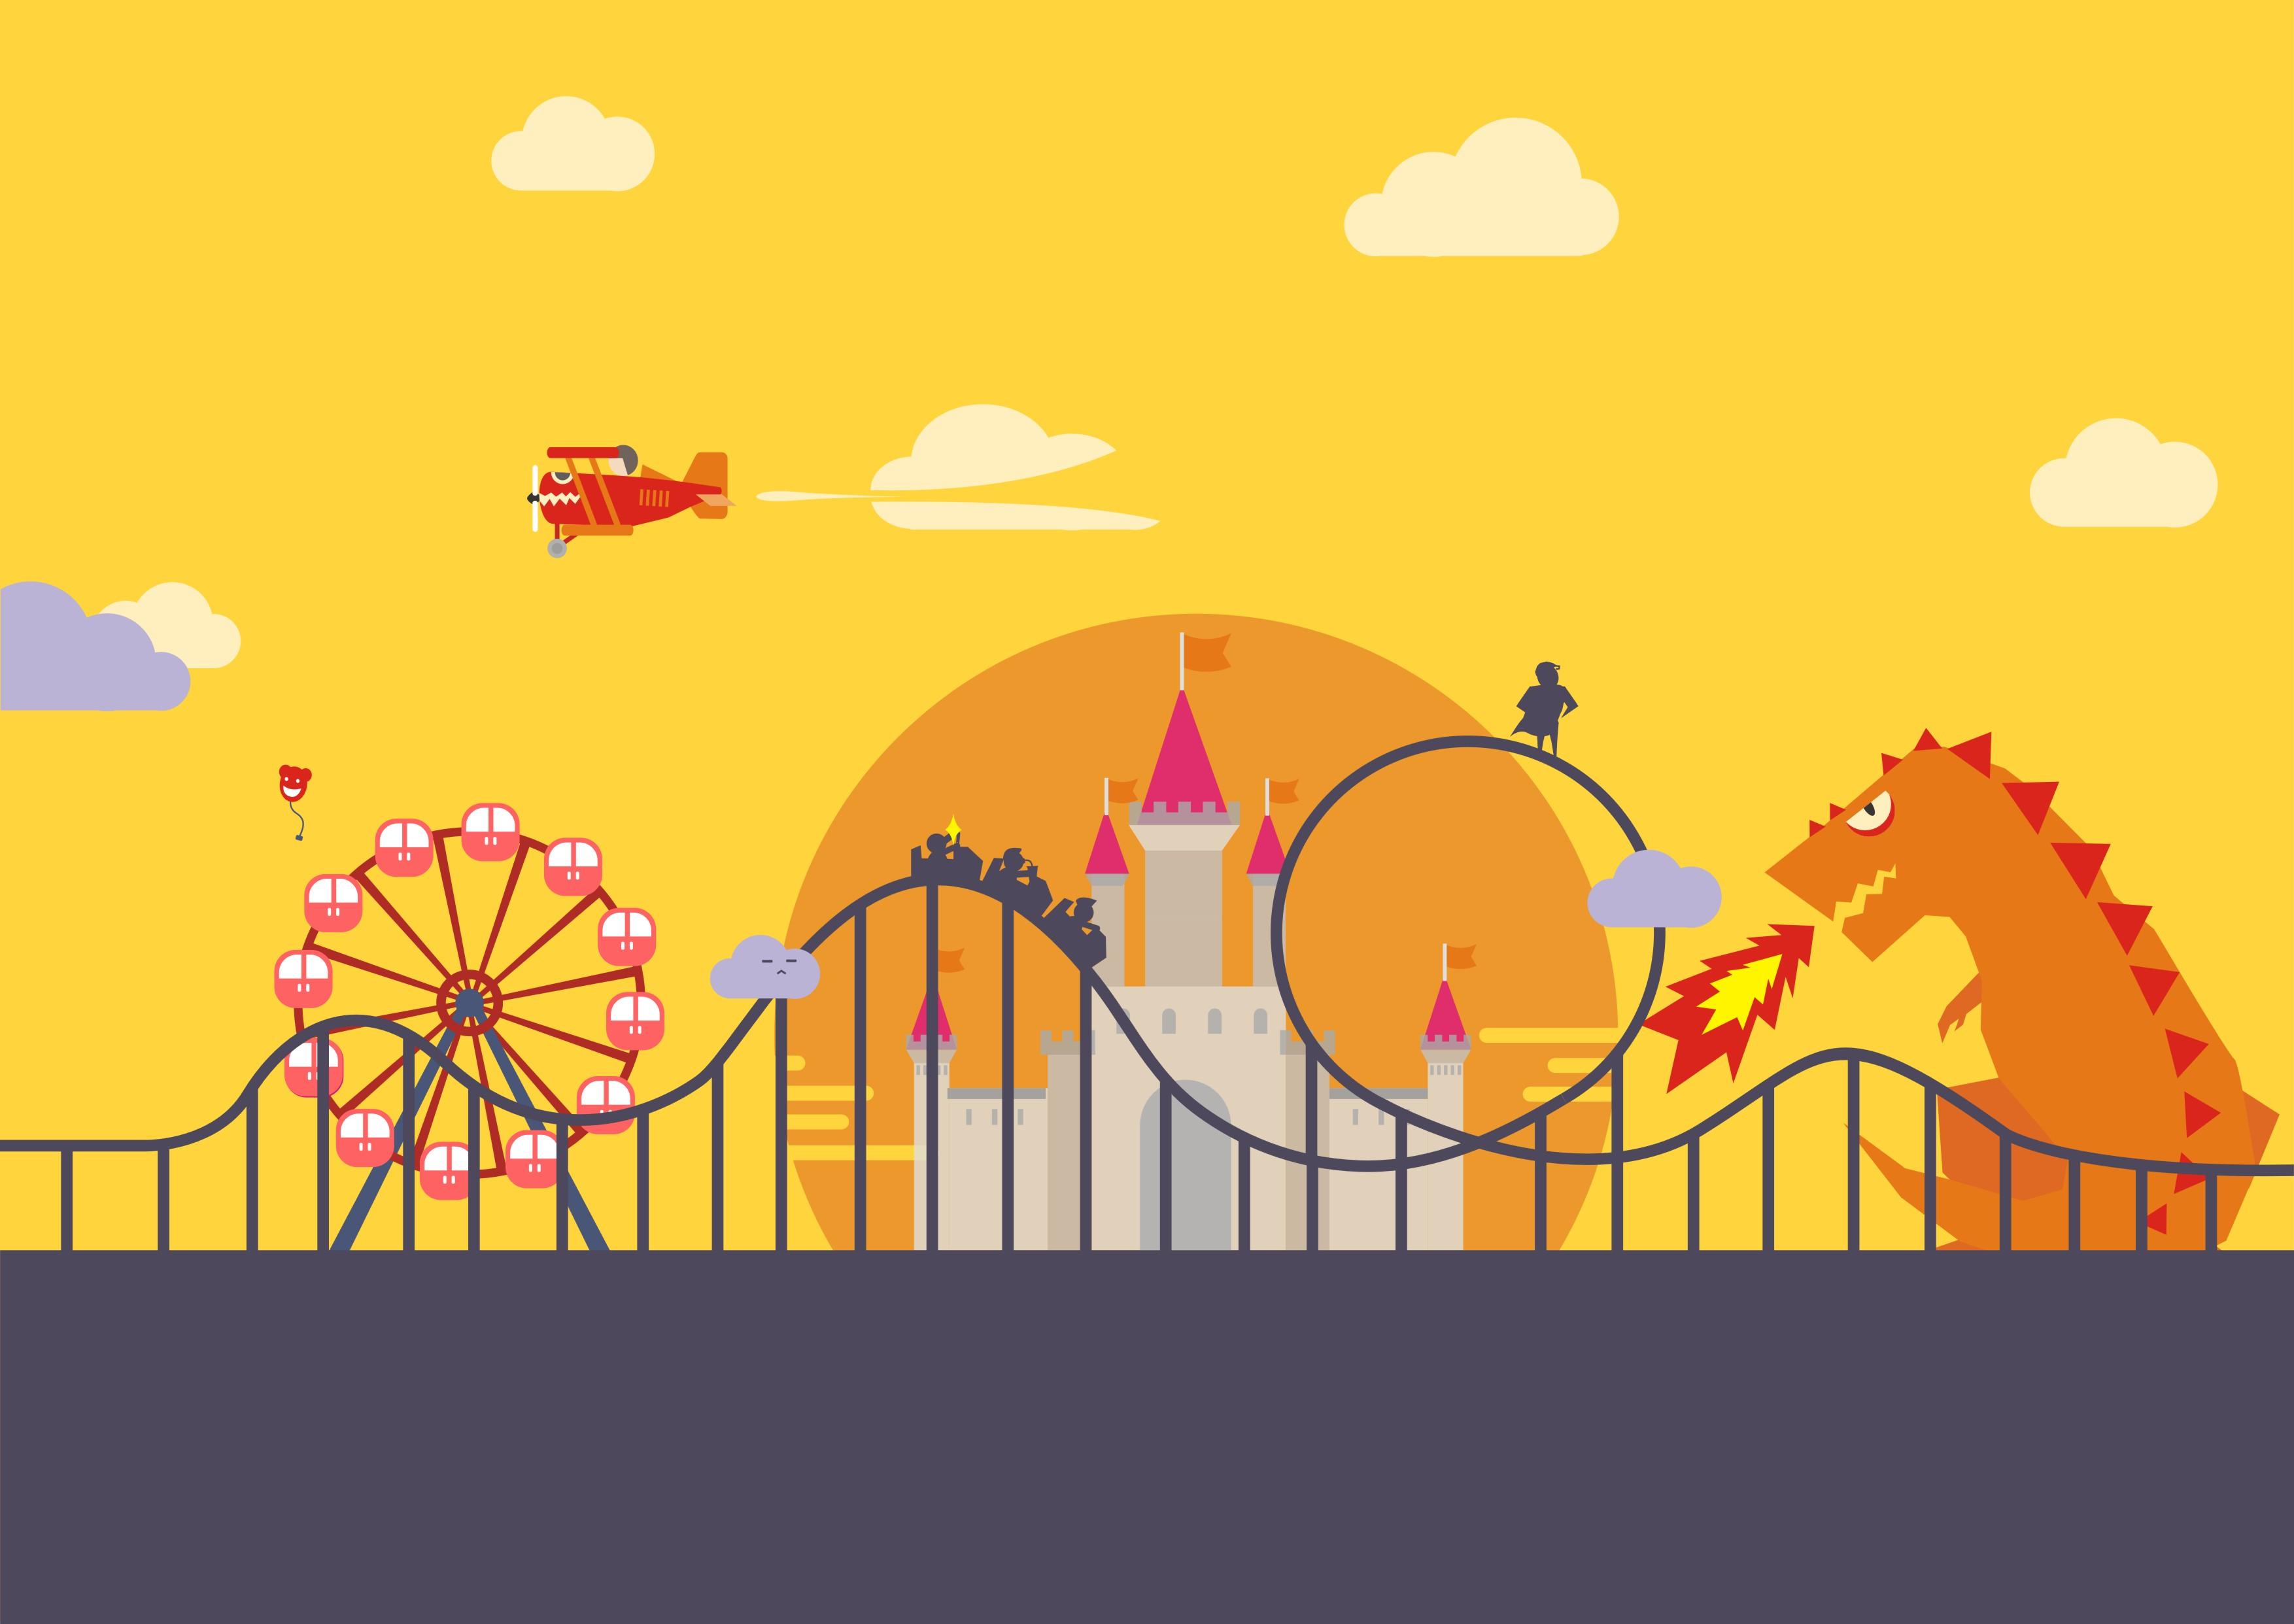 cdr 游乐园图标设计|平面|图案|躲在柱子后面 - 原创